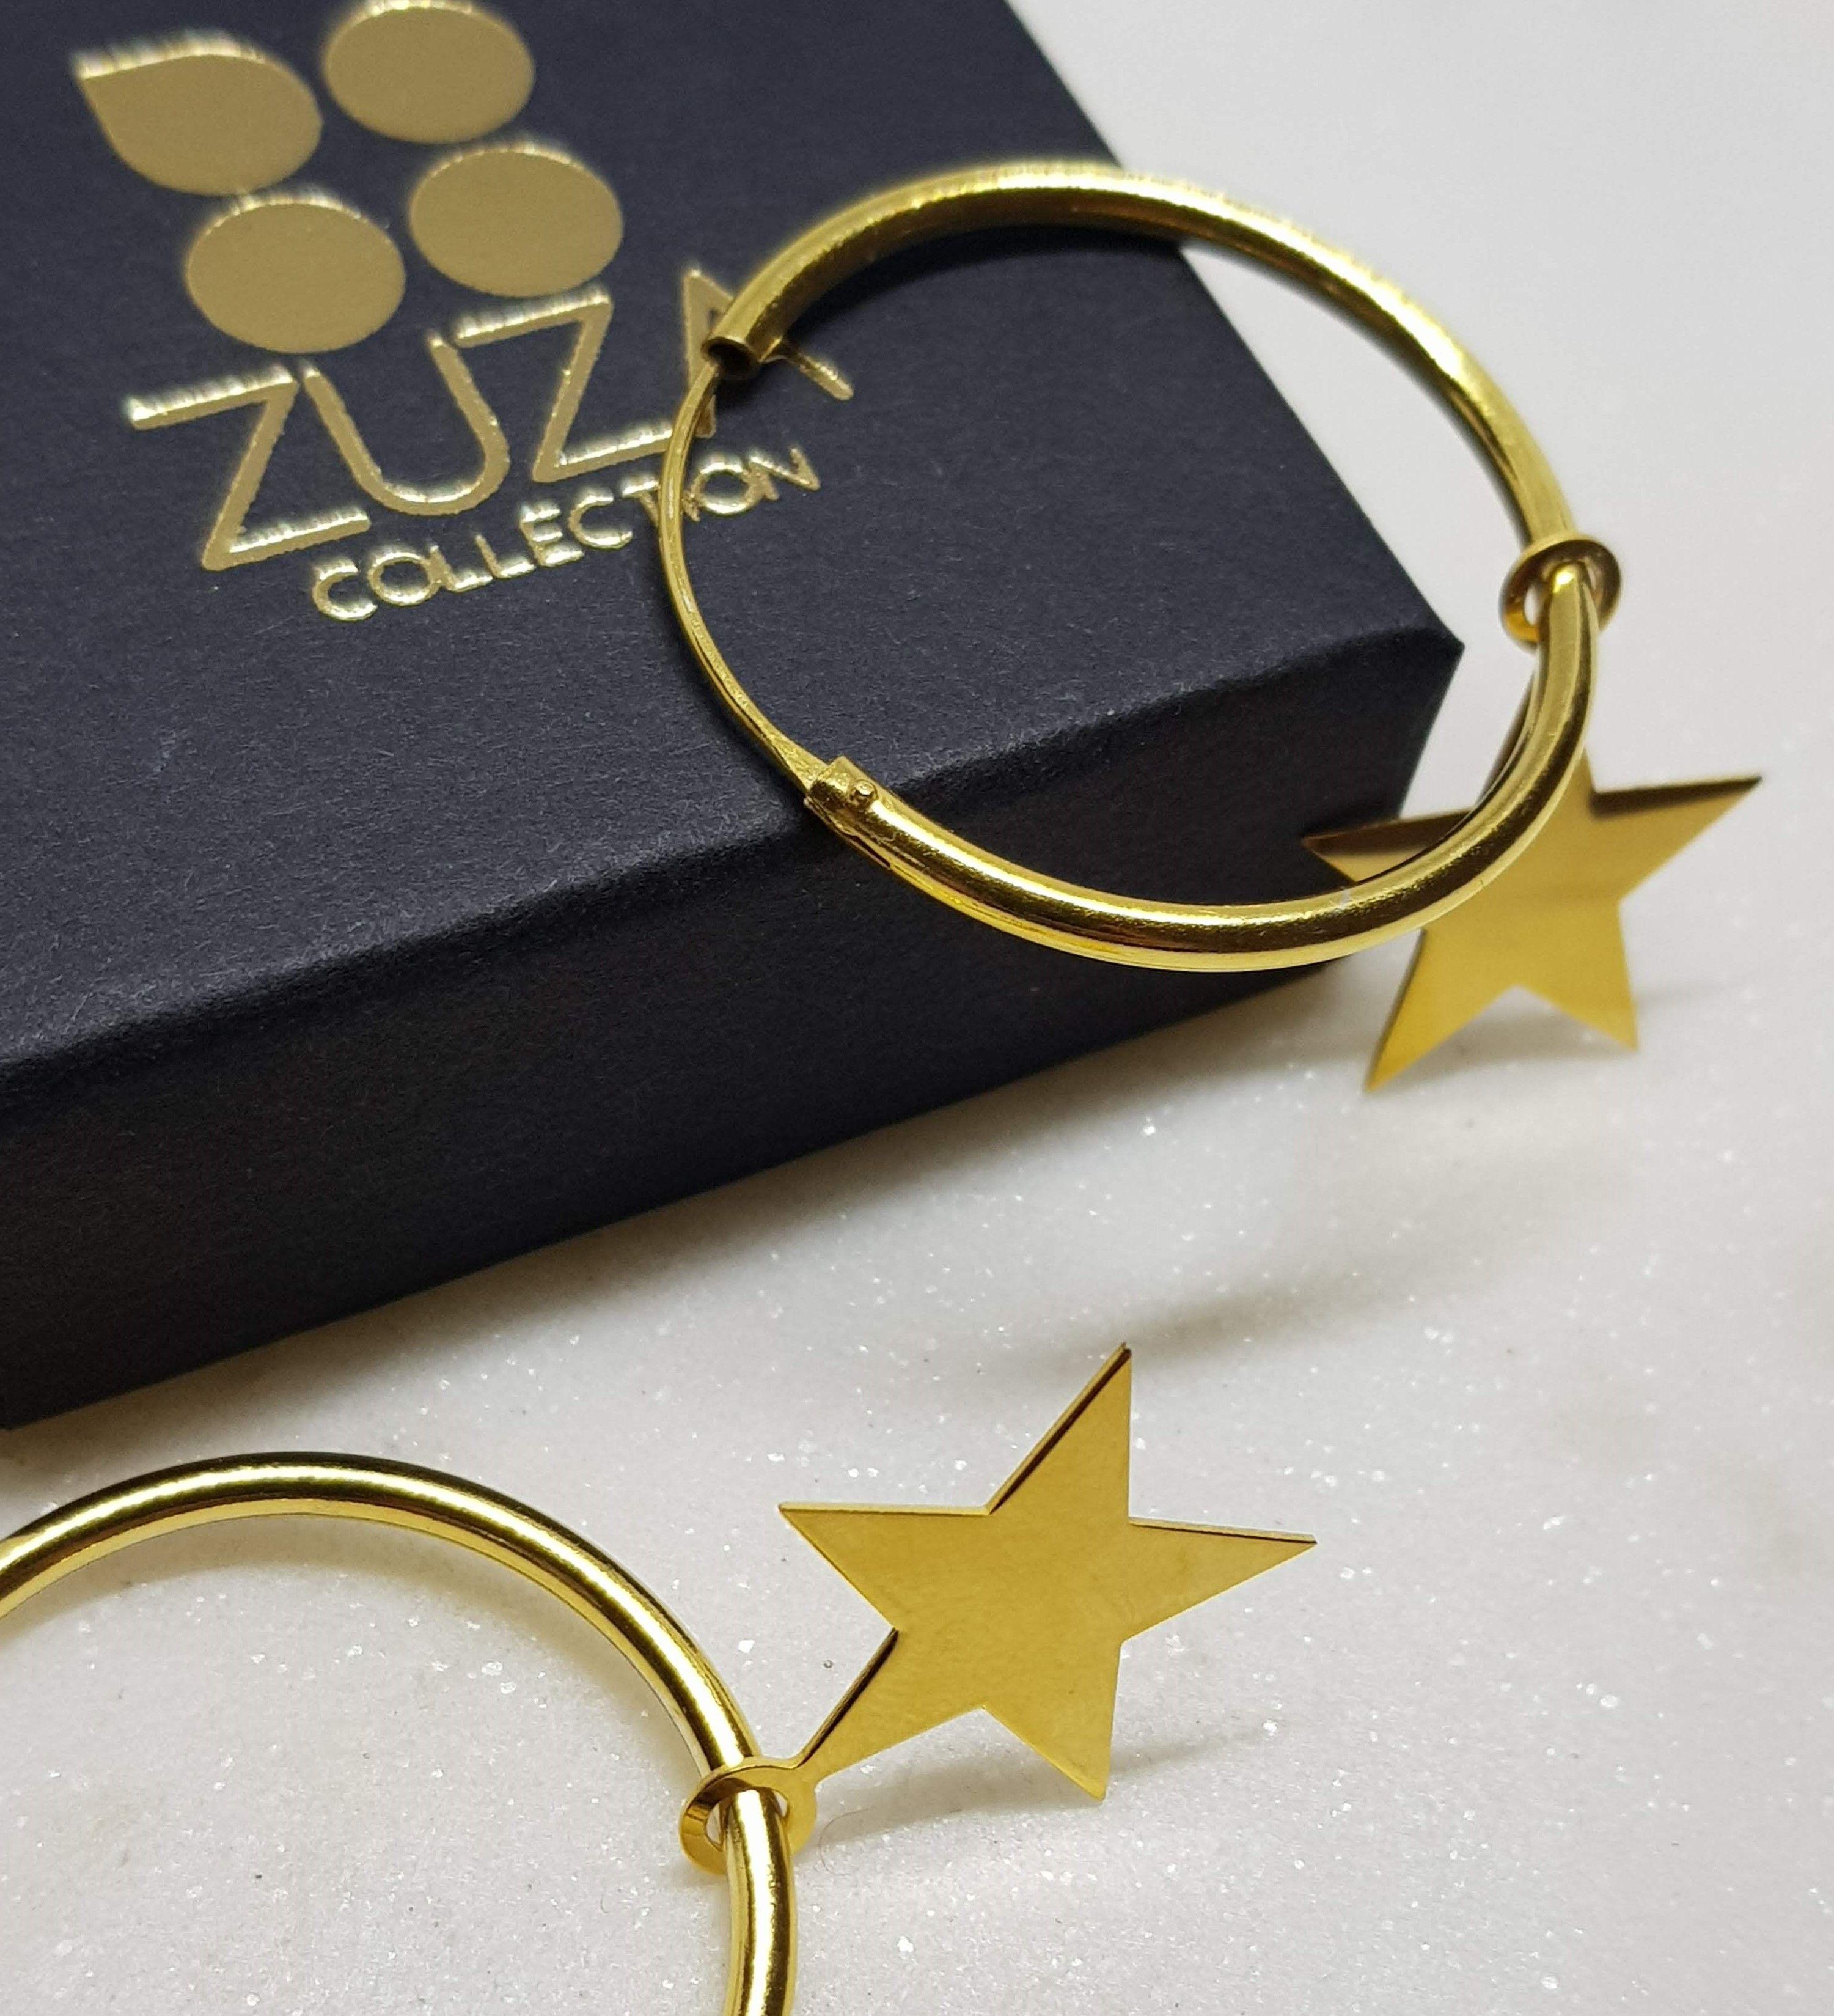 7cffc4d1e68c Aros argollas de plata 925 sterling con pediente el forma de estrella.  Diametro externo